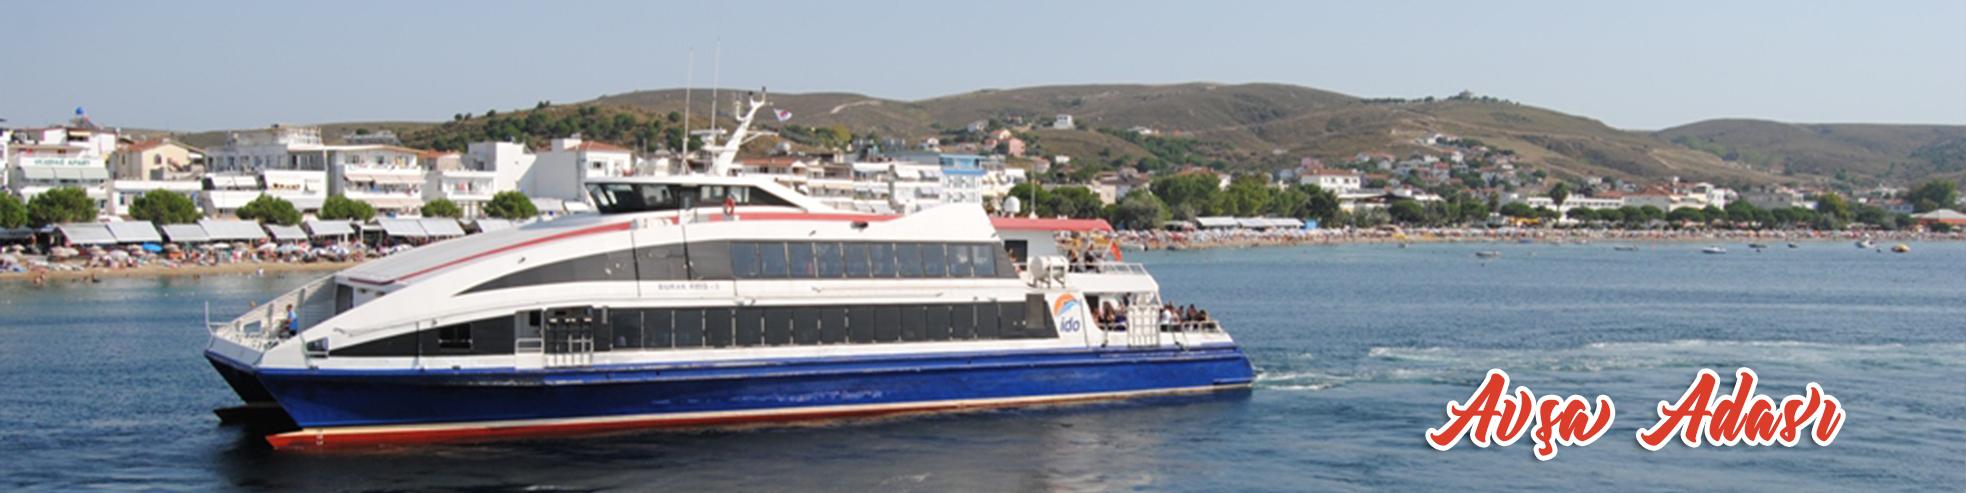 avşa adası ulaşım